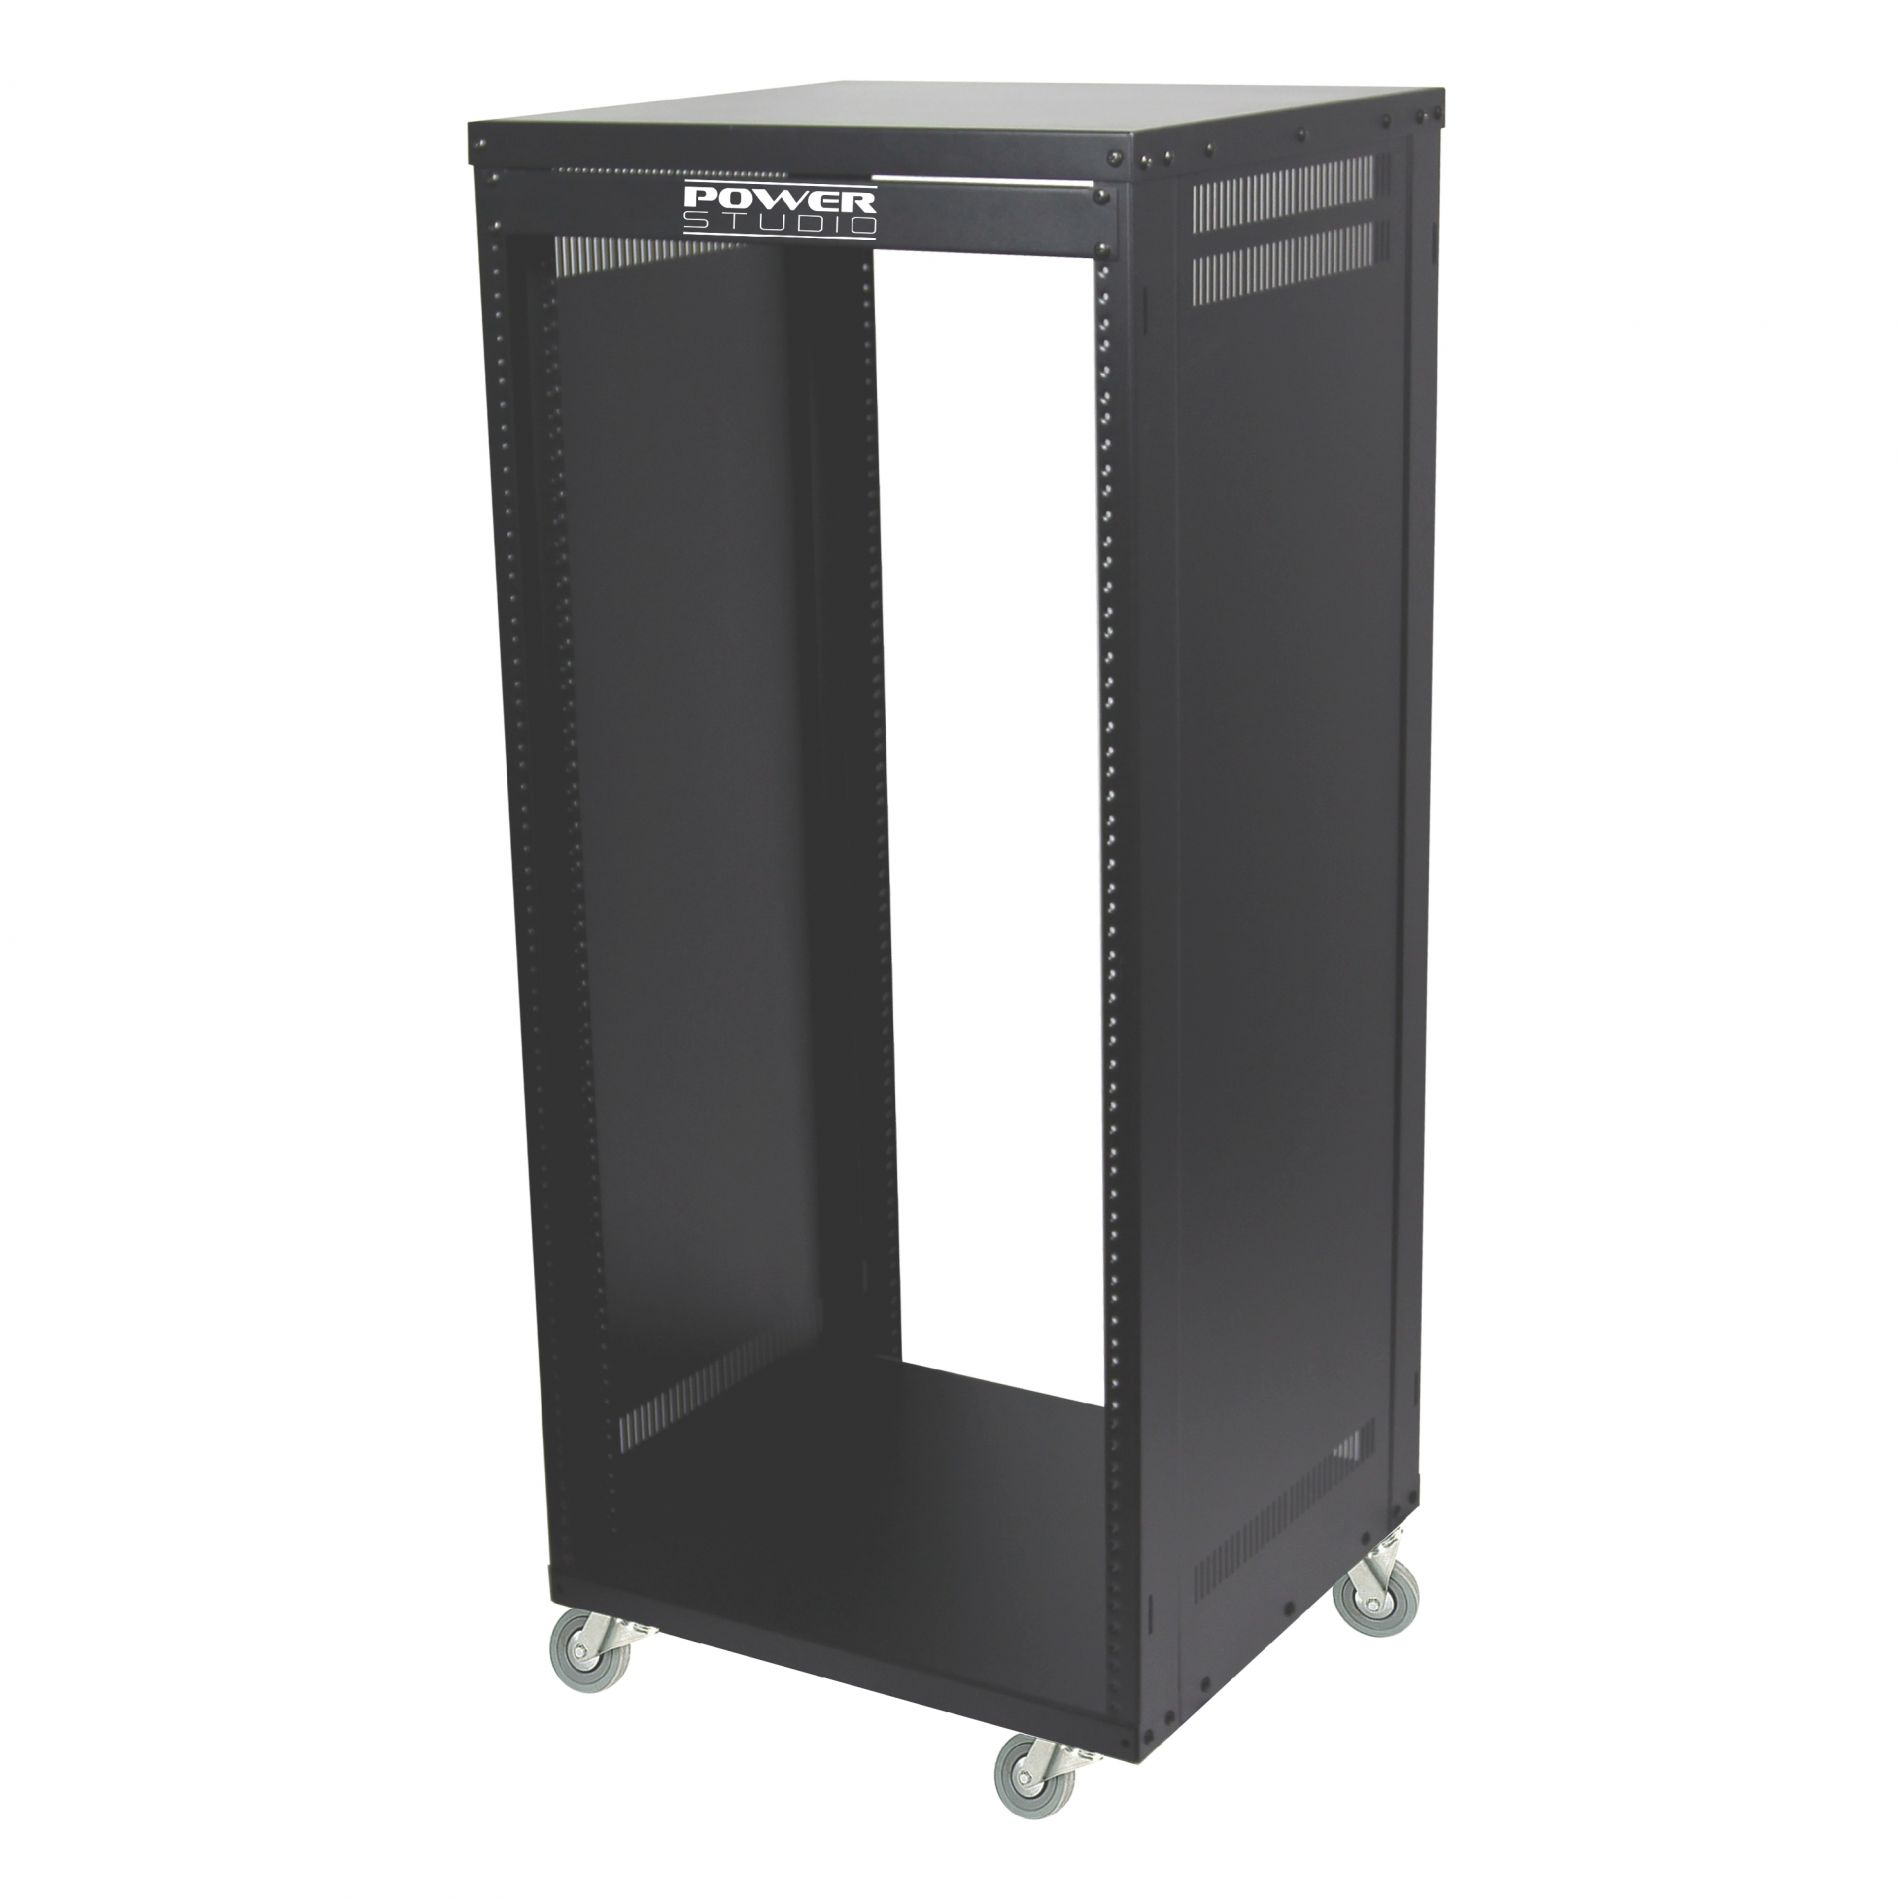 livraison gratuite armoire rack m tal 22u sur roulettes rack 19 plus de 12u prozic. Black Bedroom Furniture Sets. Home Design Ideas